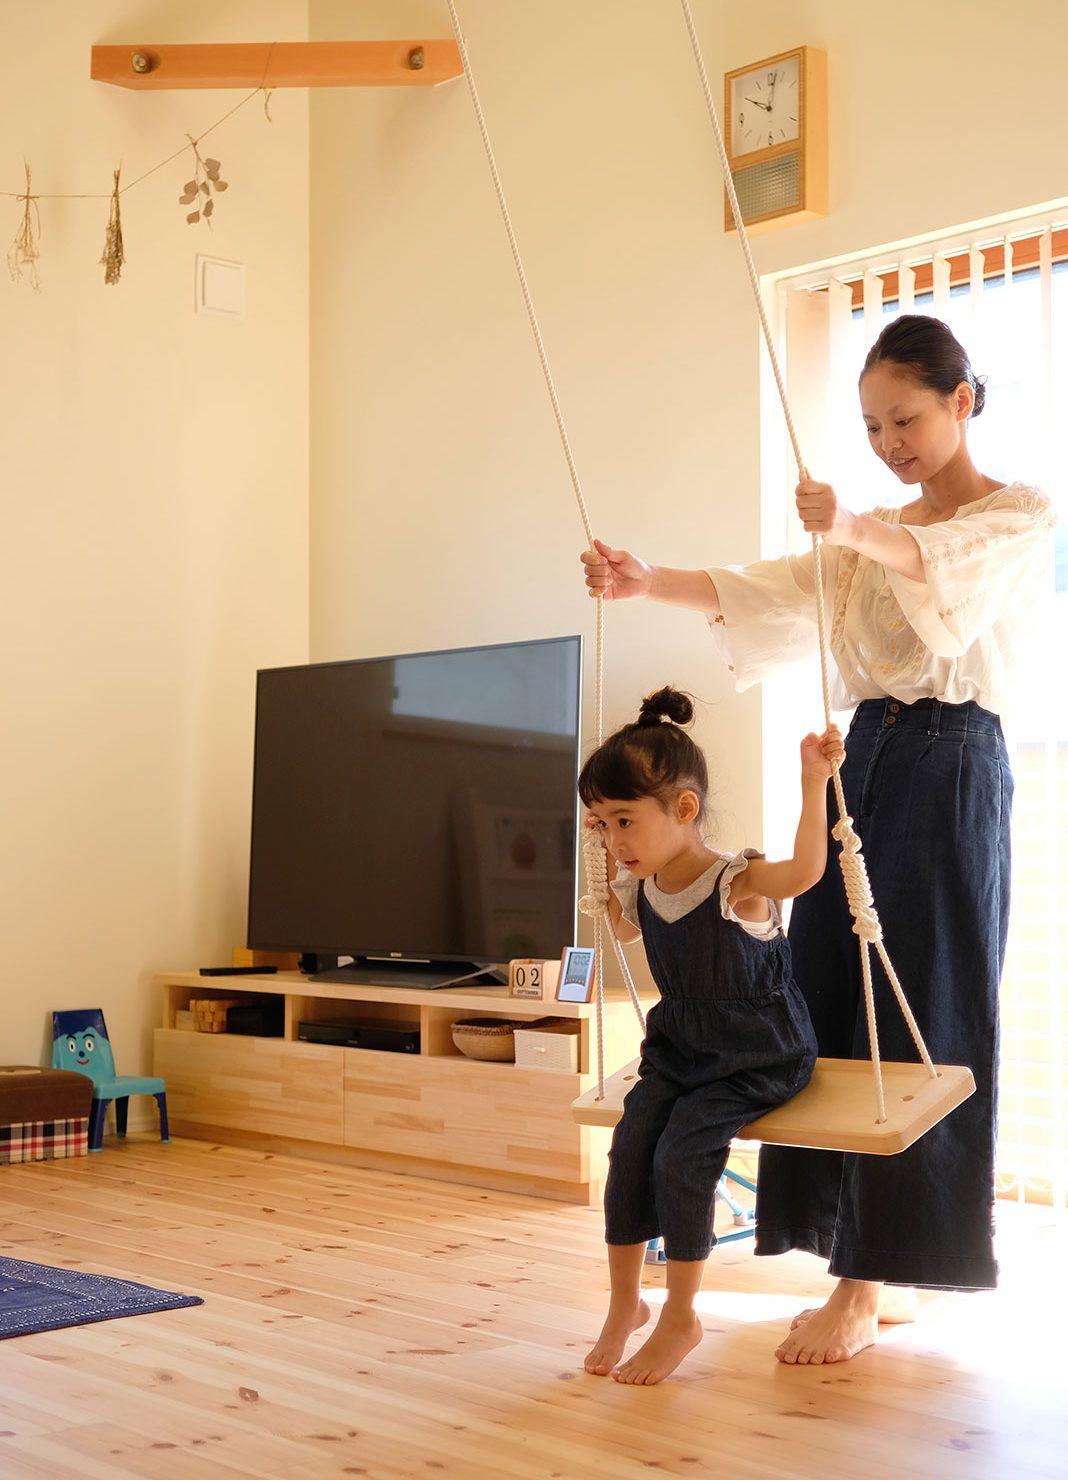 飯寺ⅡS様 室内のブランコで遊ぶ